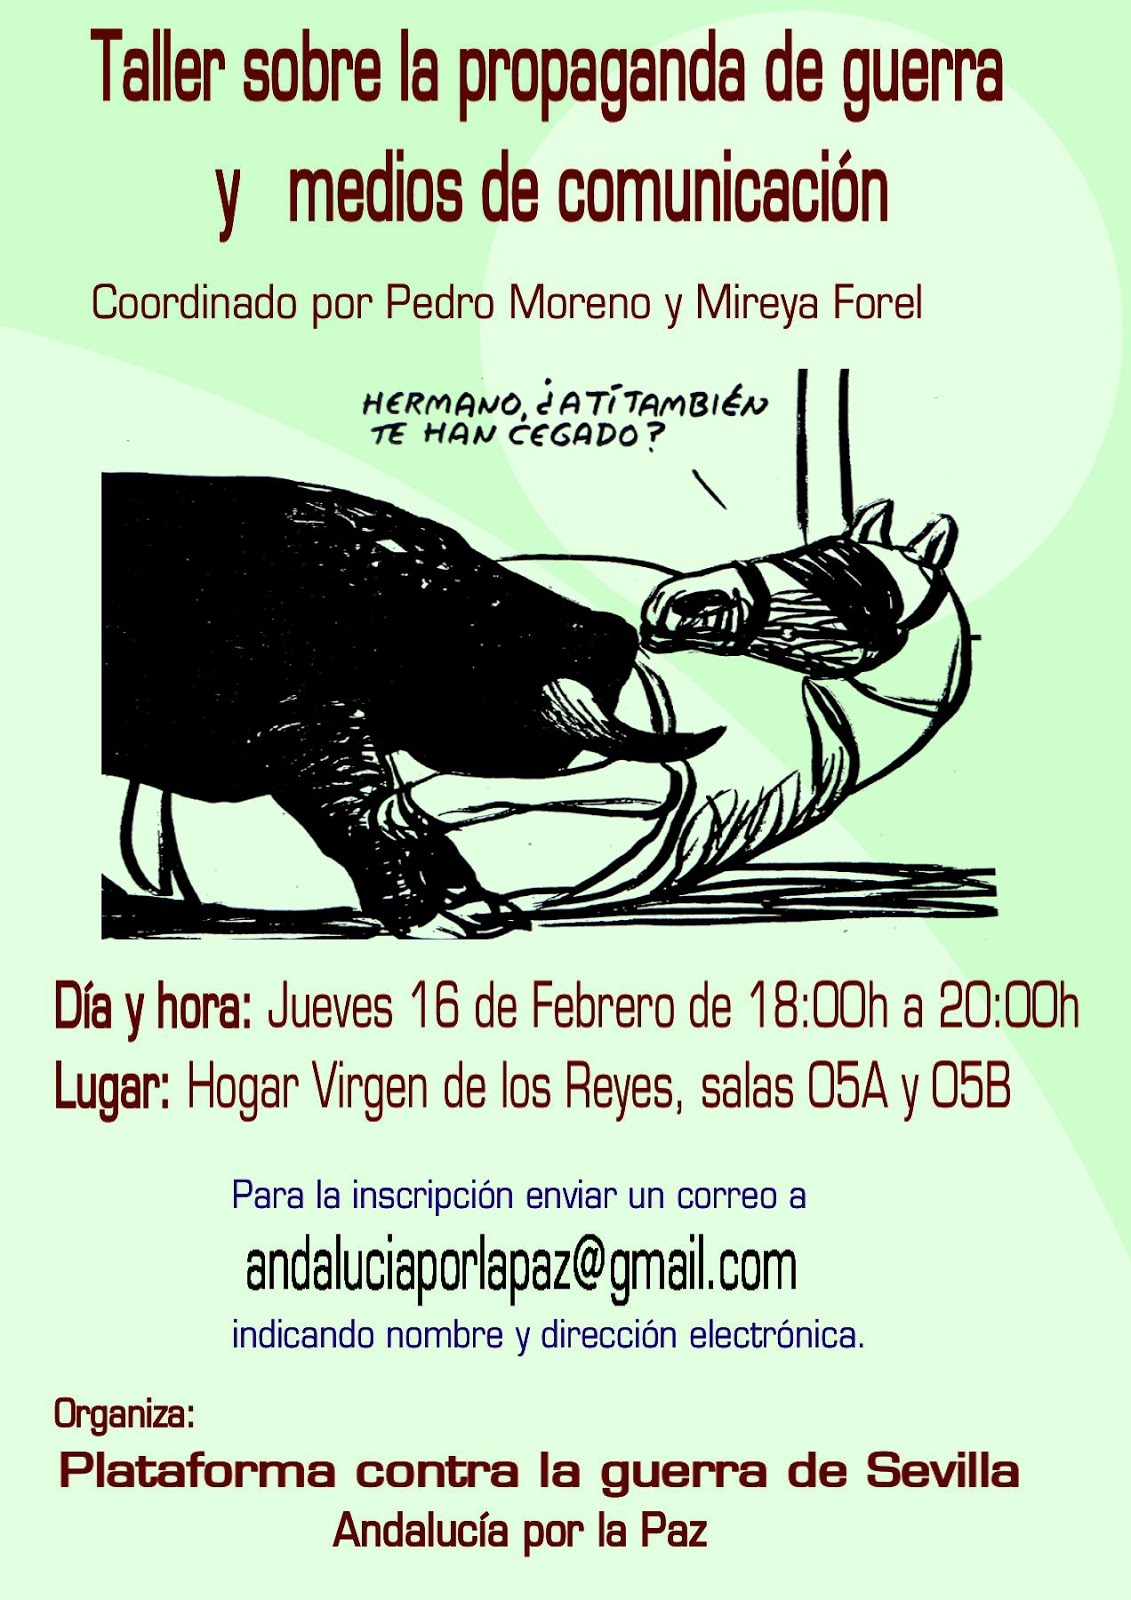 TALLER SOBRE LA PROPAGANDA DE GUERRA Y MEDIOS DE COMUNICACIÓN.